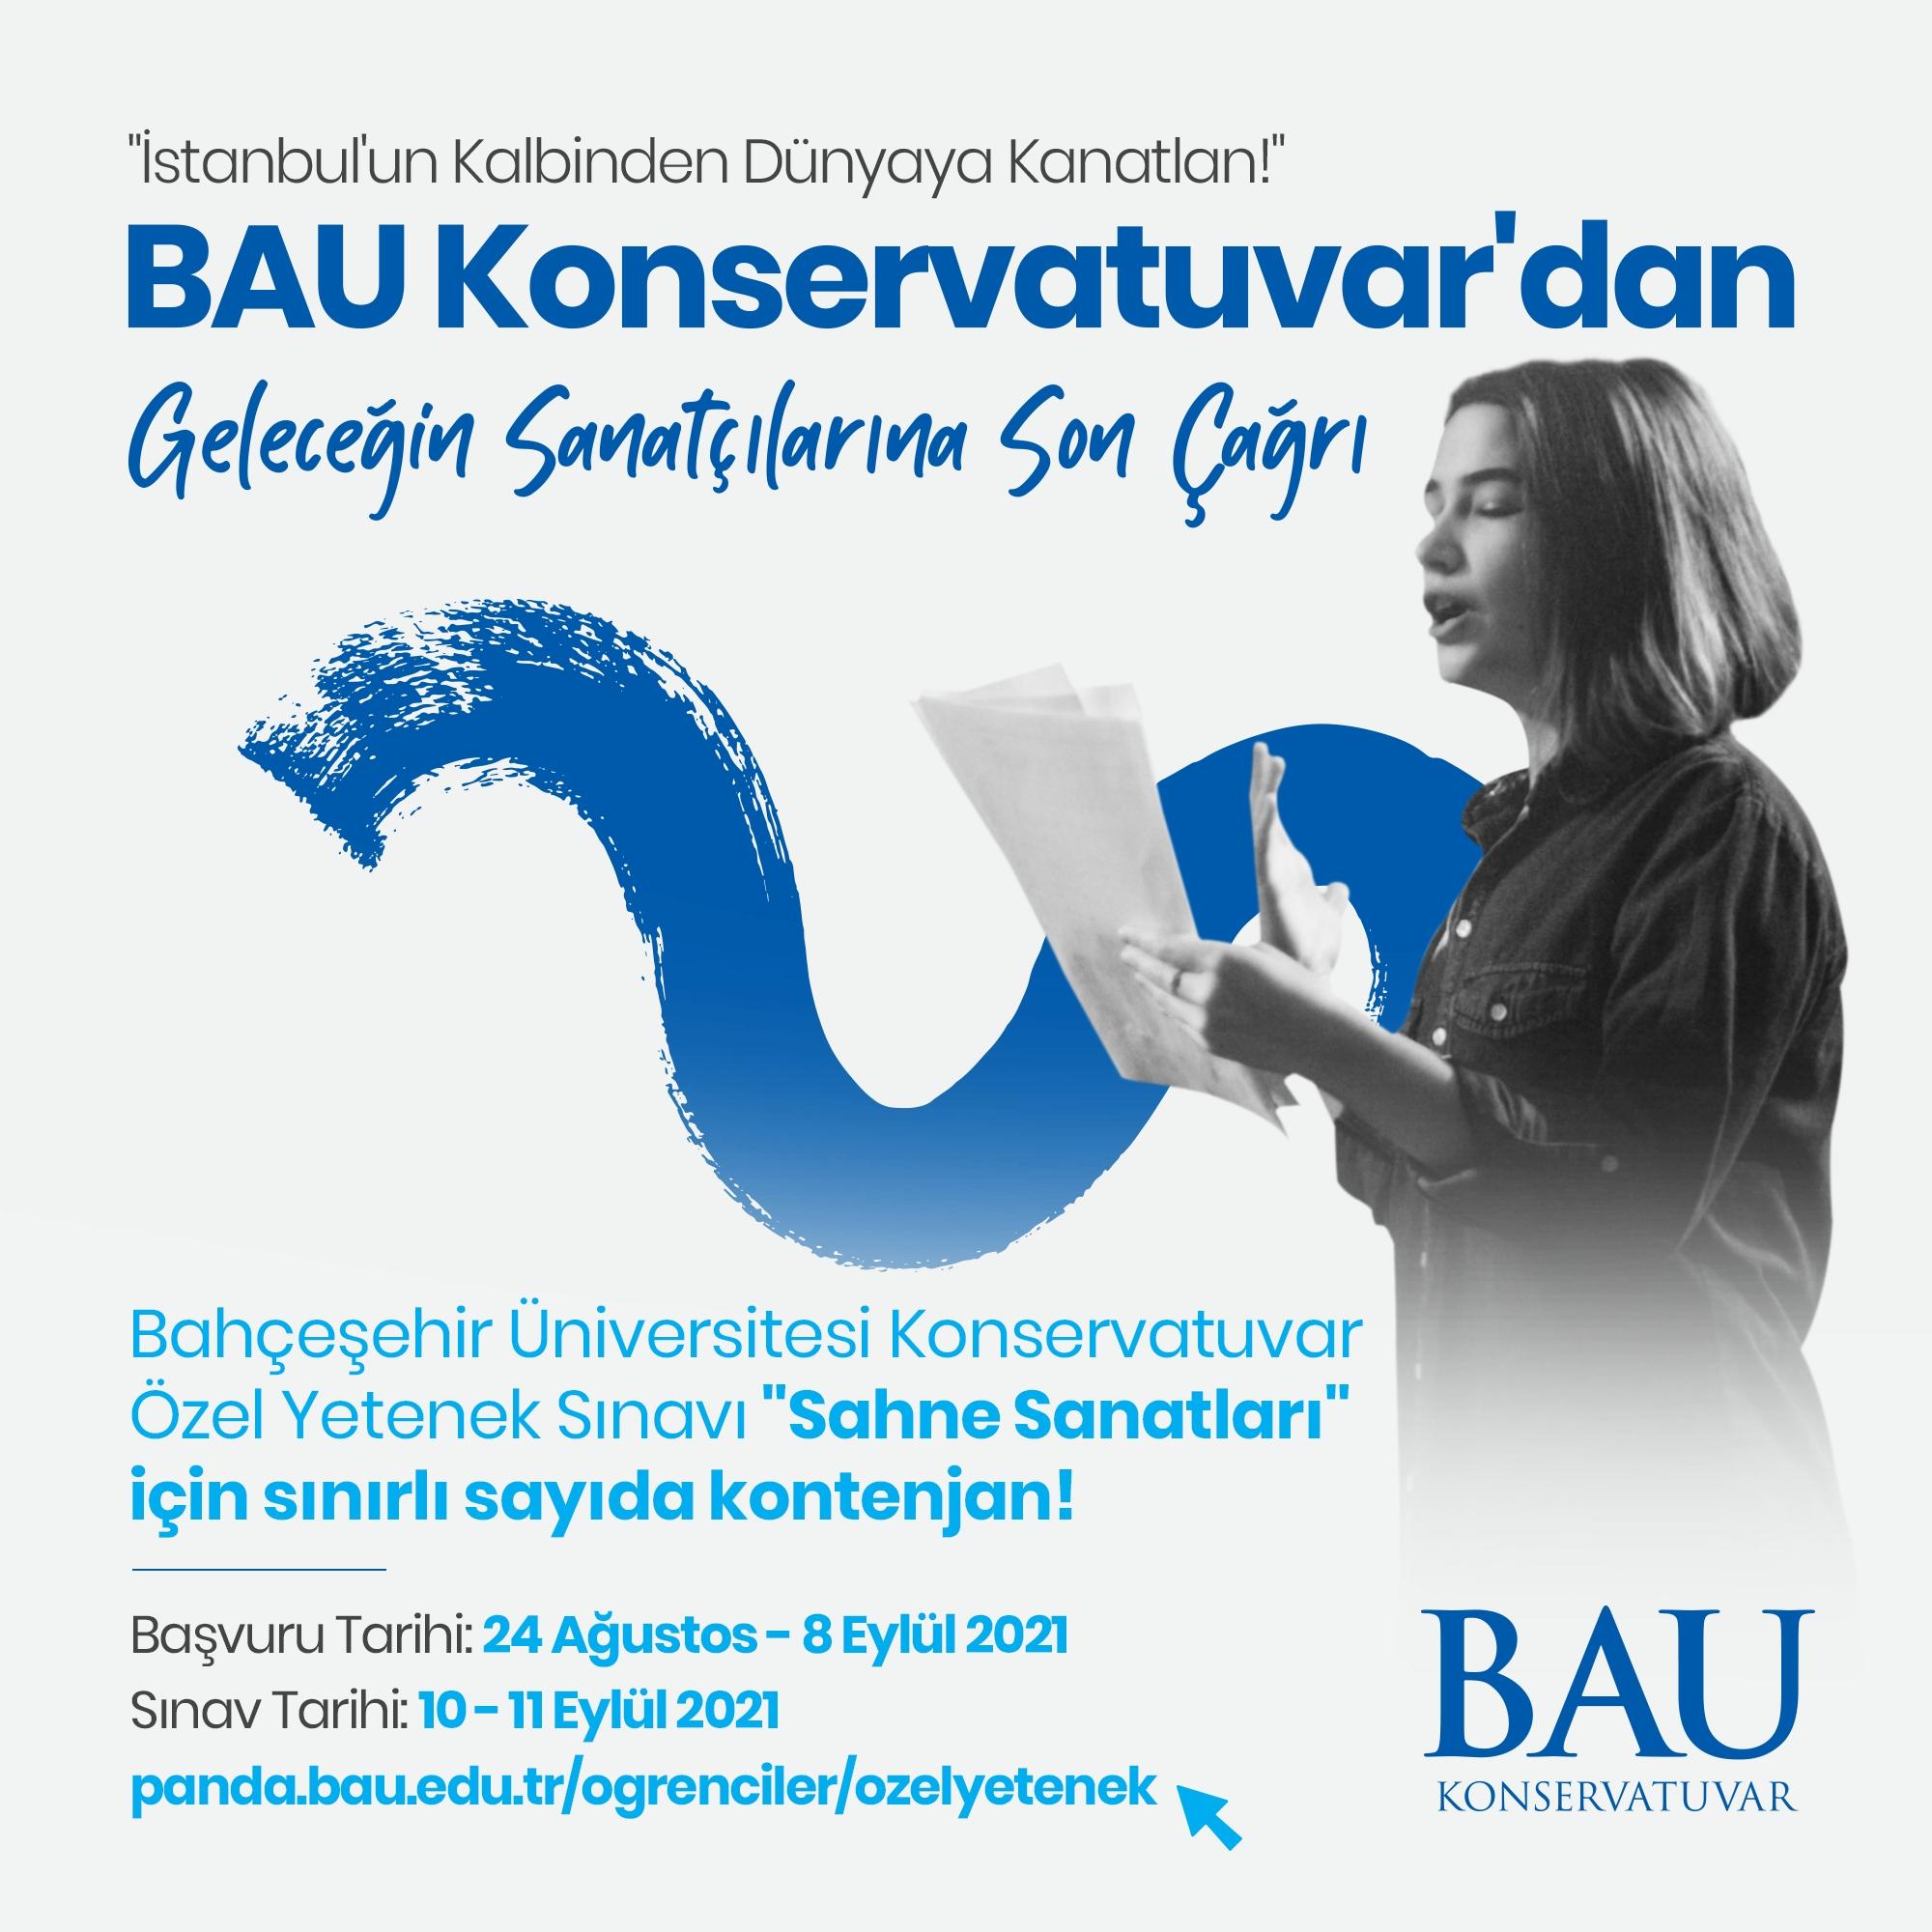 BAU Konservatuvar'dan Geleceğin Sanatçılarına Son Çağrı